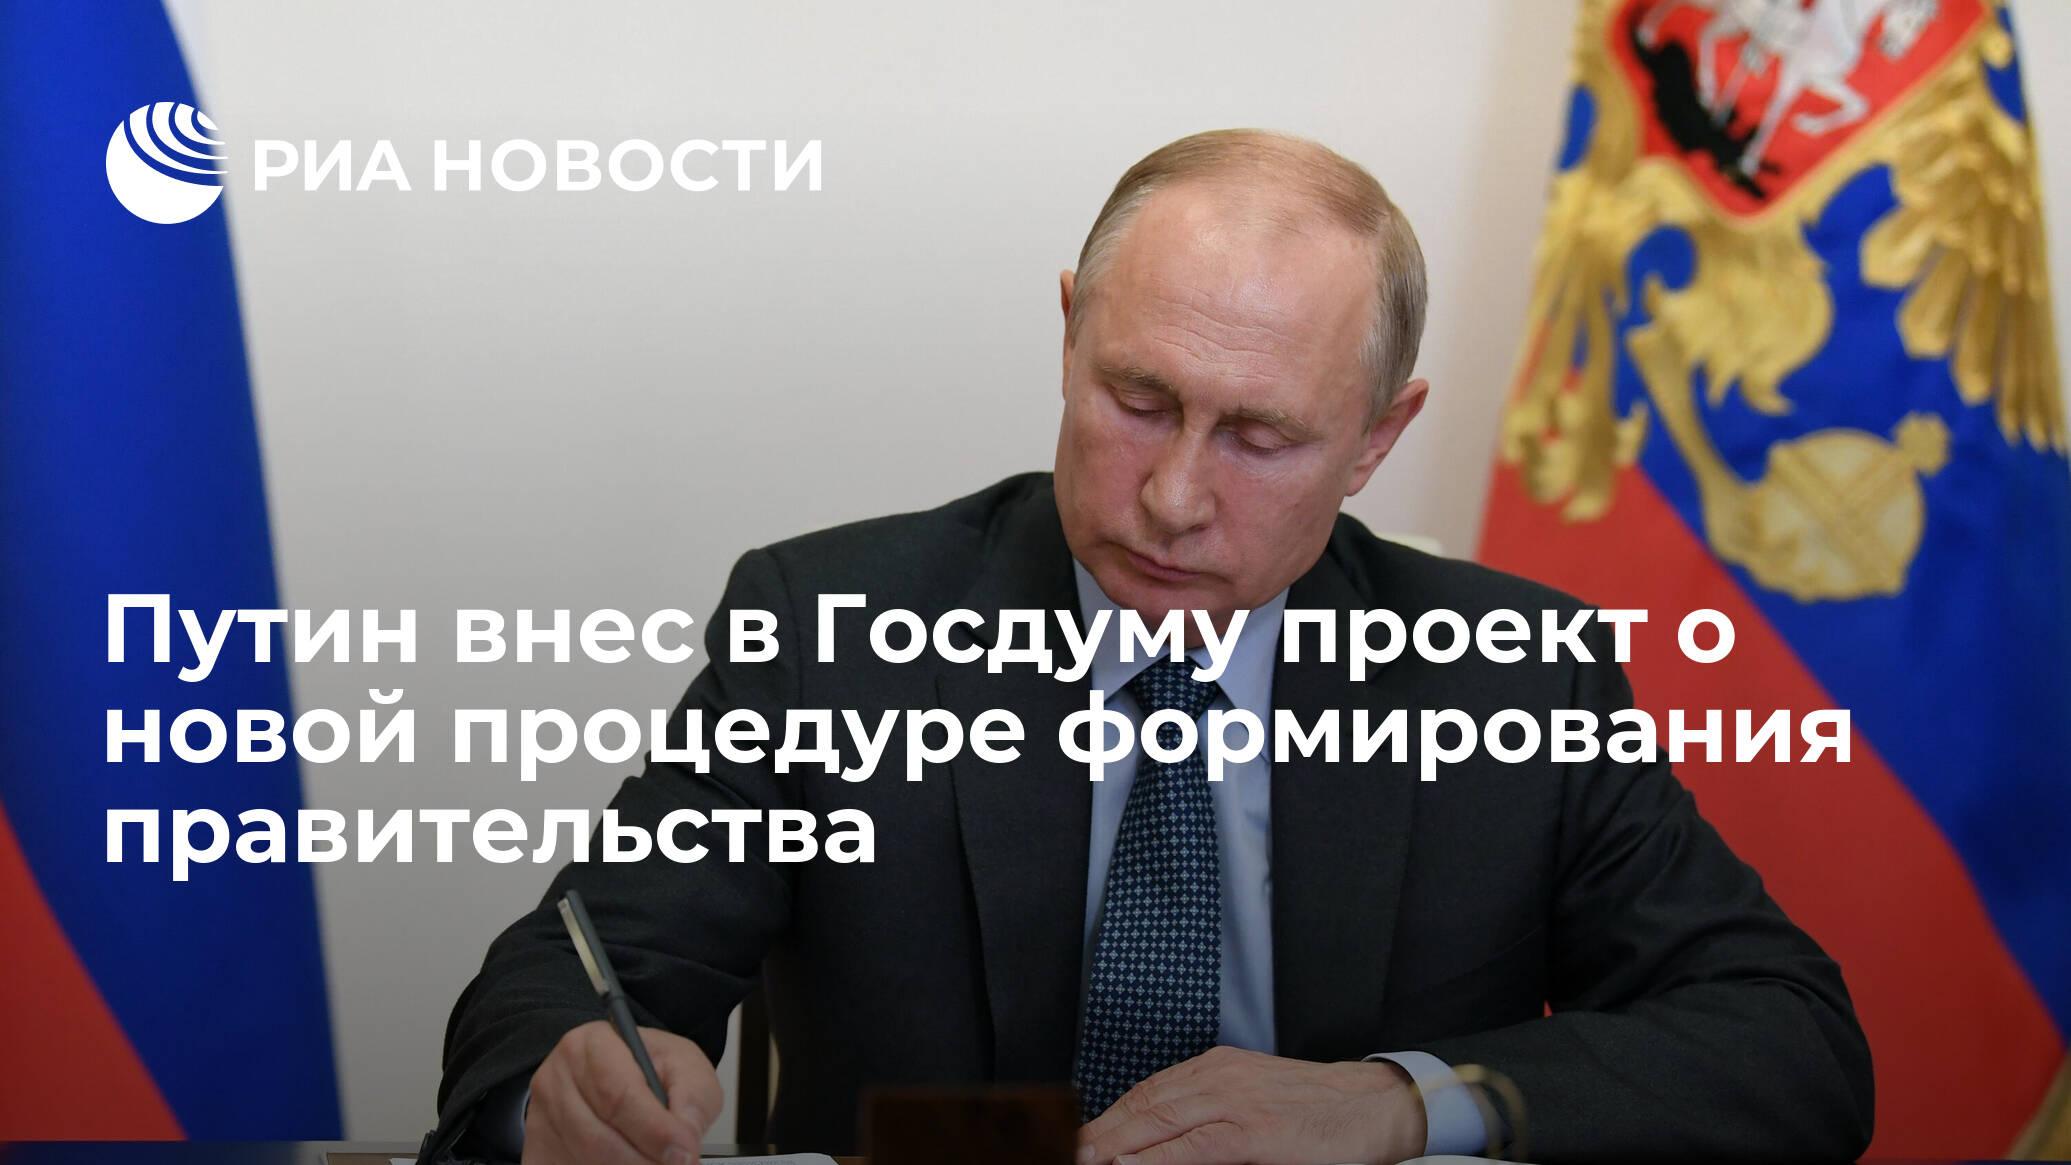 Путин внес в Госдуму проект о новой процедуре формирования правительства